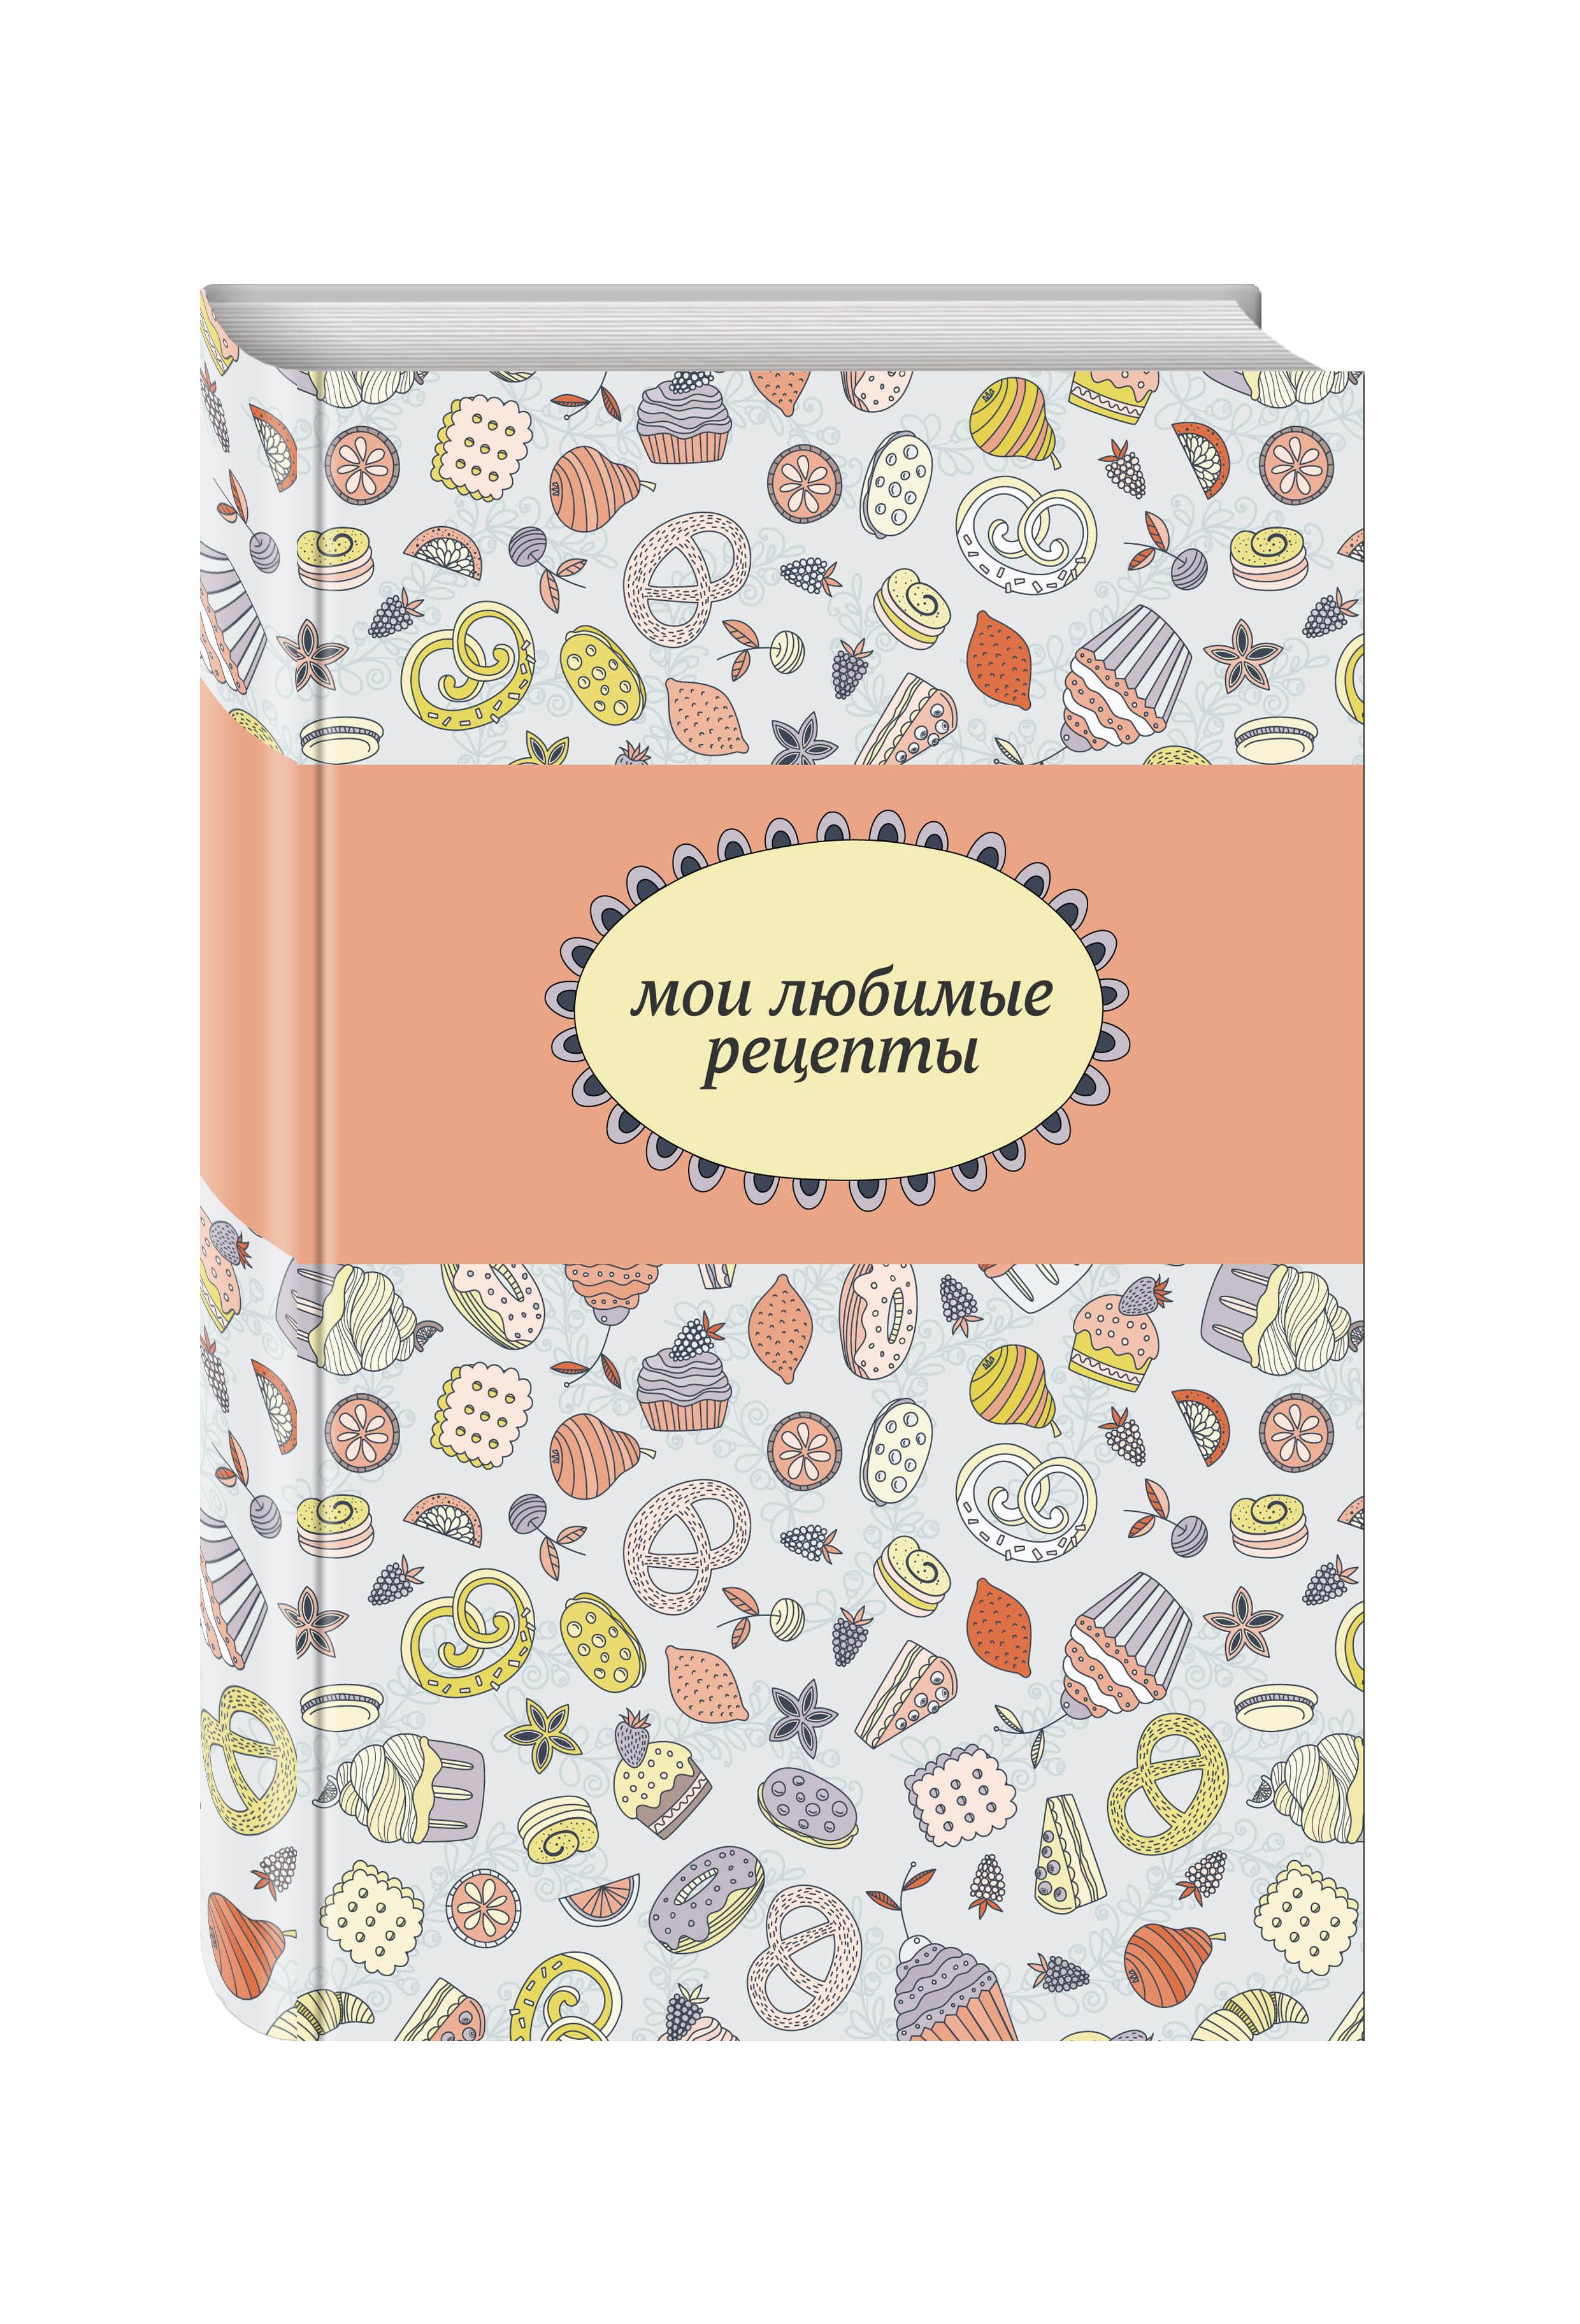 Мои любимые рецепты. Книга для записи рецептов (а5_кондитерская)